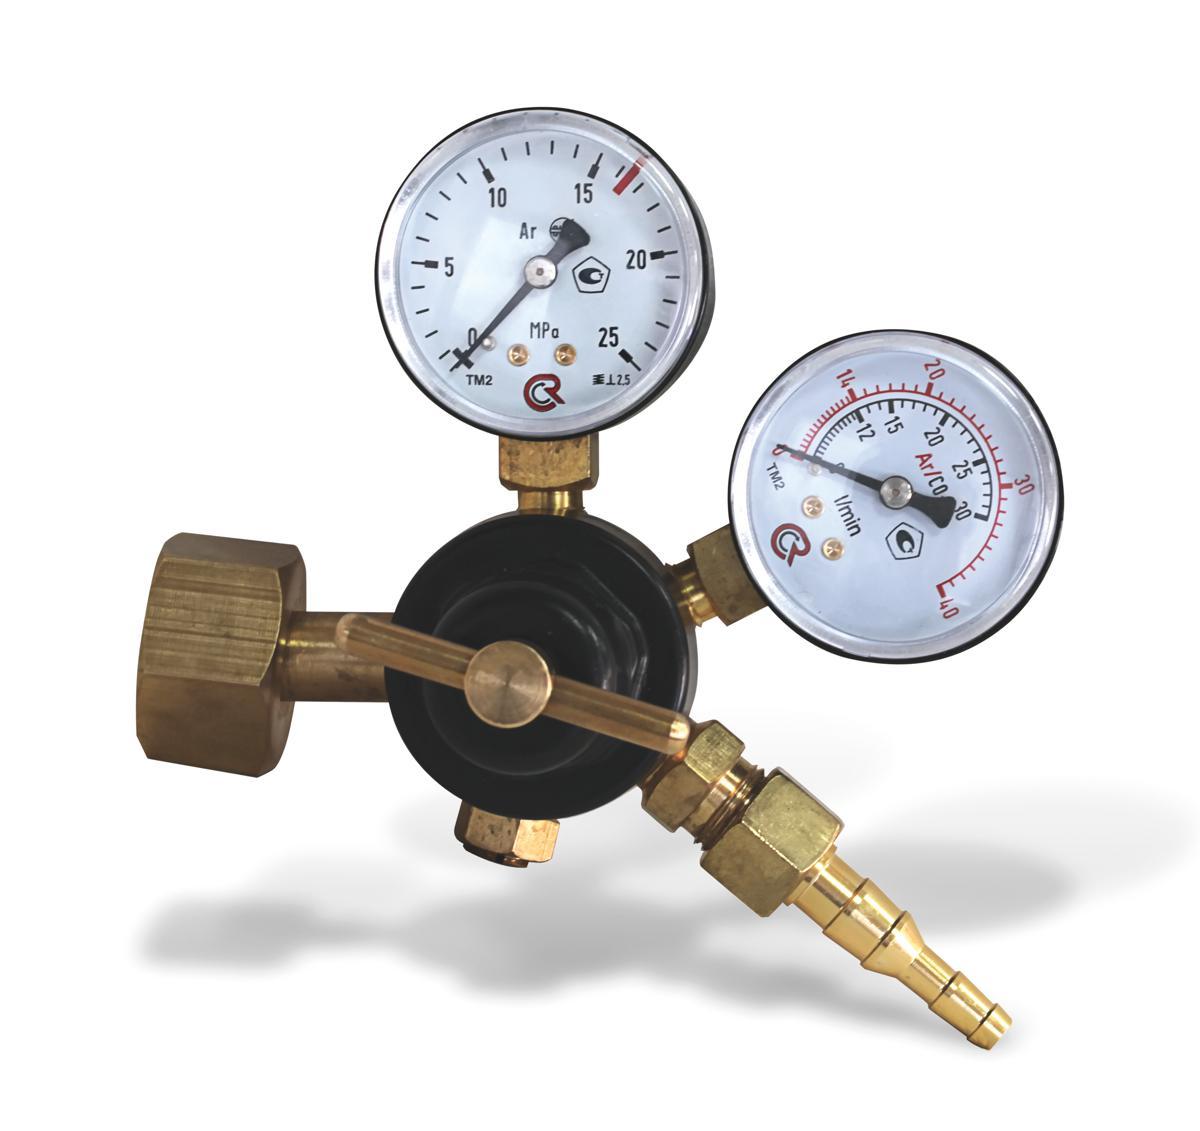 Регулятор ПРОМТЕХКОМПЛЕКТ У-30/АР-40-2 регулятор давления топлива спорт ауди 100 2 3 е